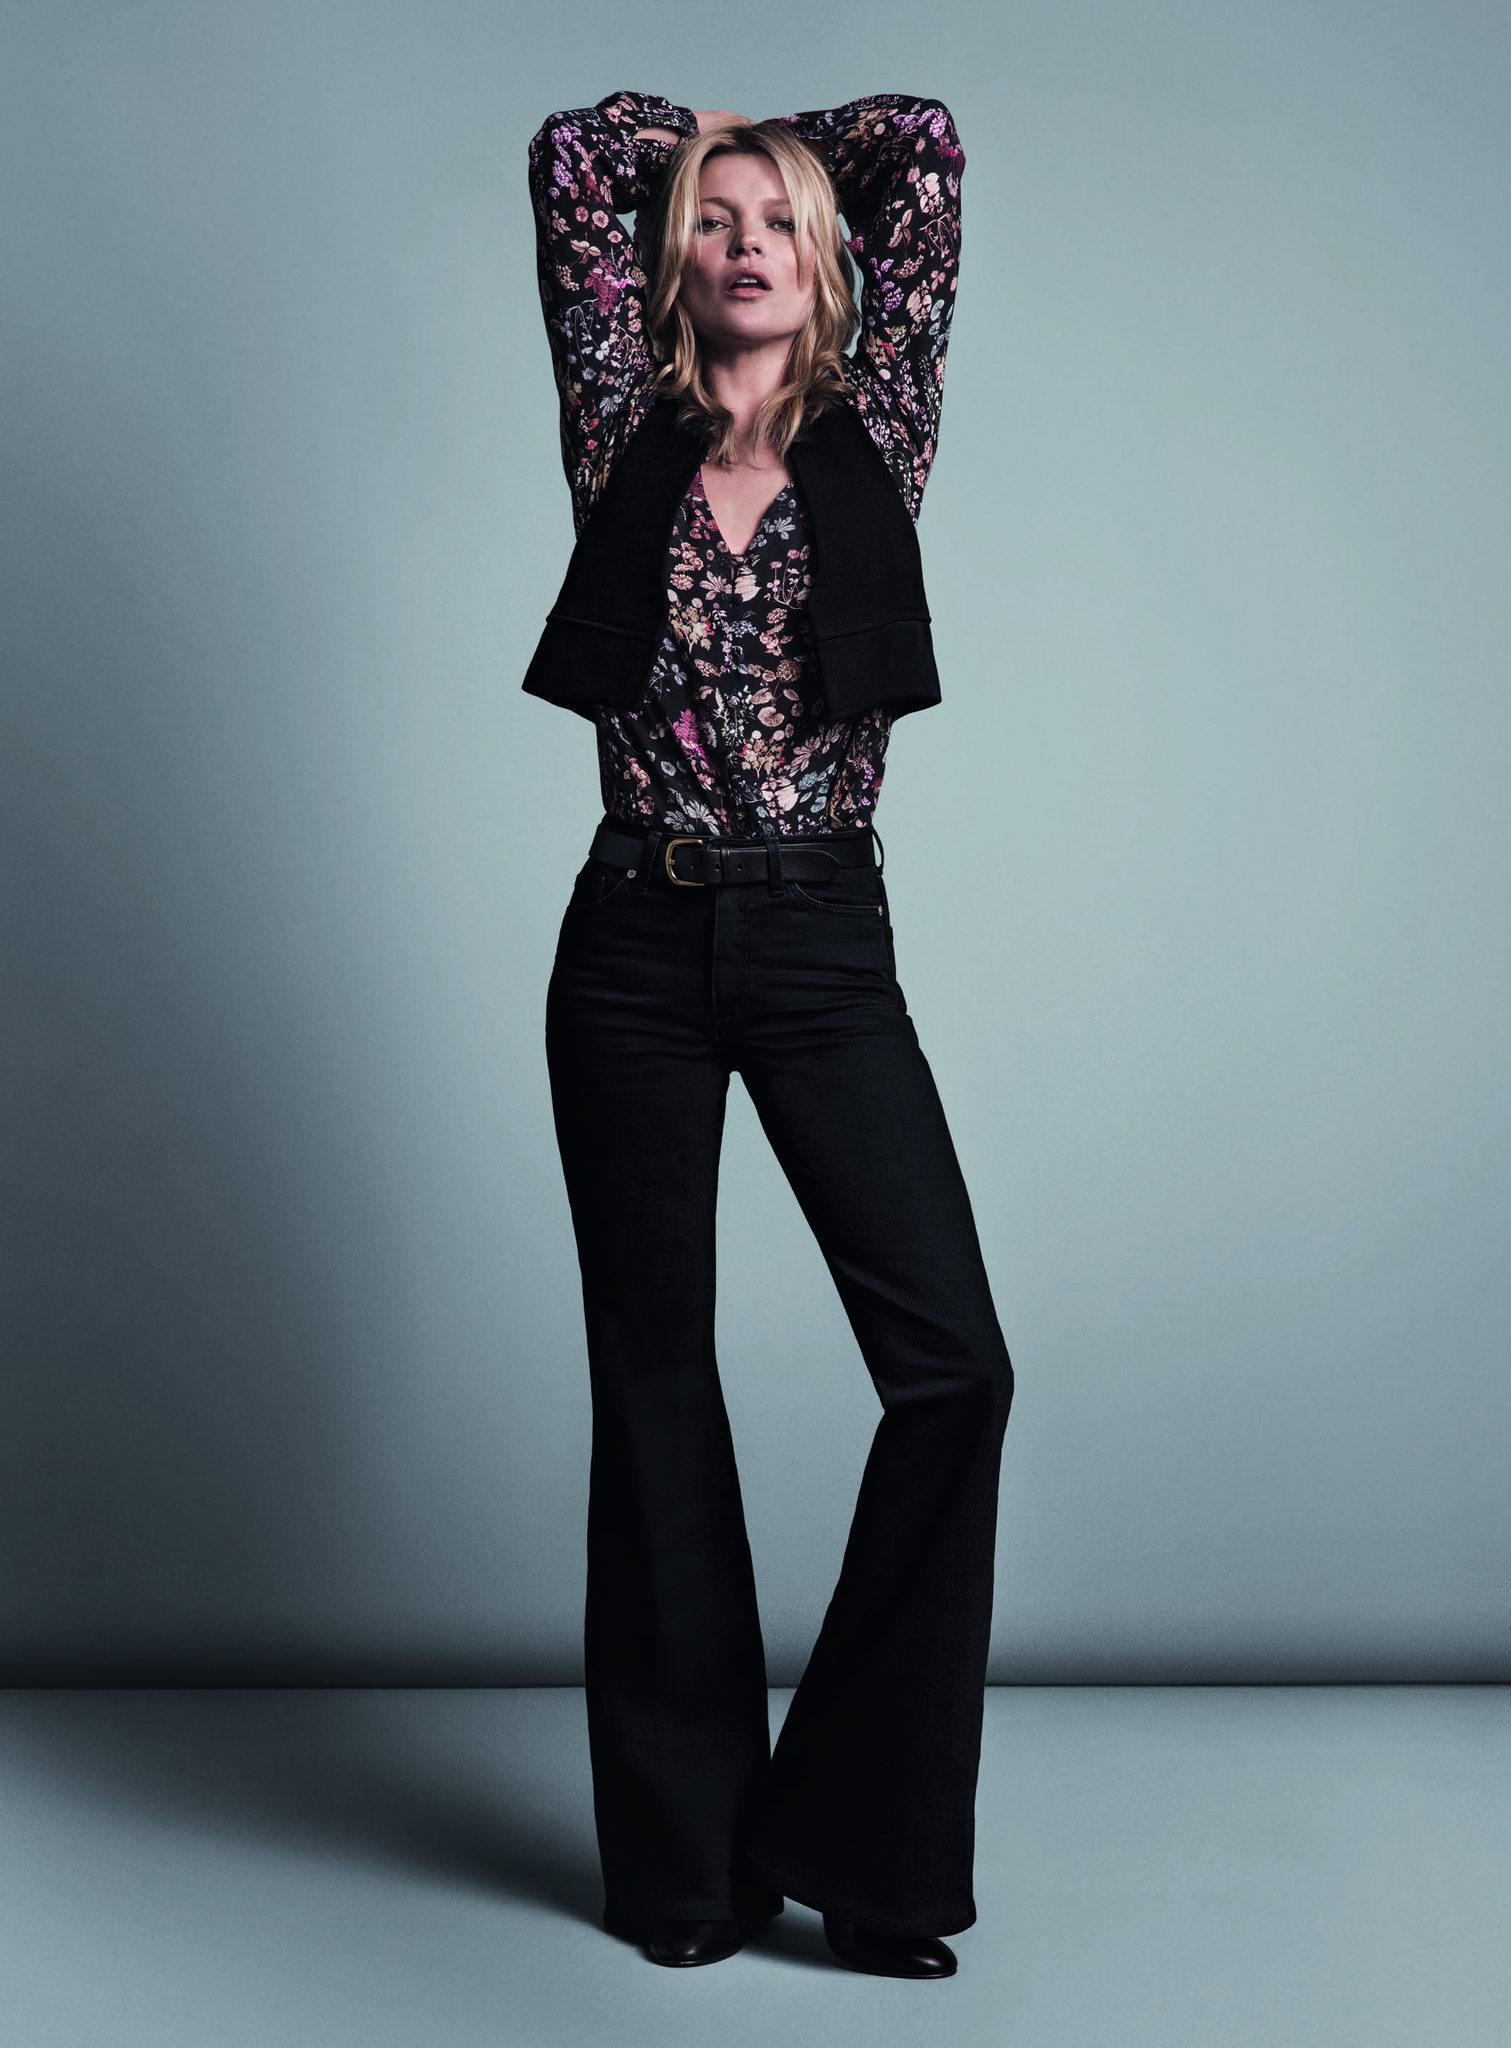 Câu nói hay - Kate Moss mặc áo hoa, quần jeans ống loe trong ad campaign của Mango